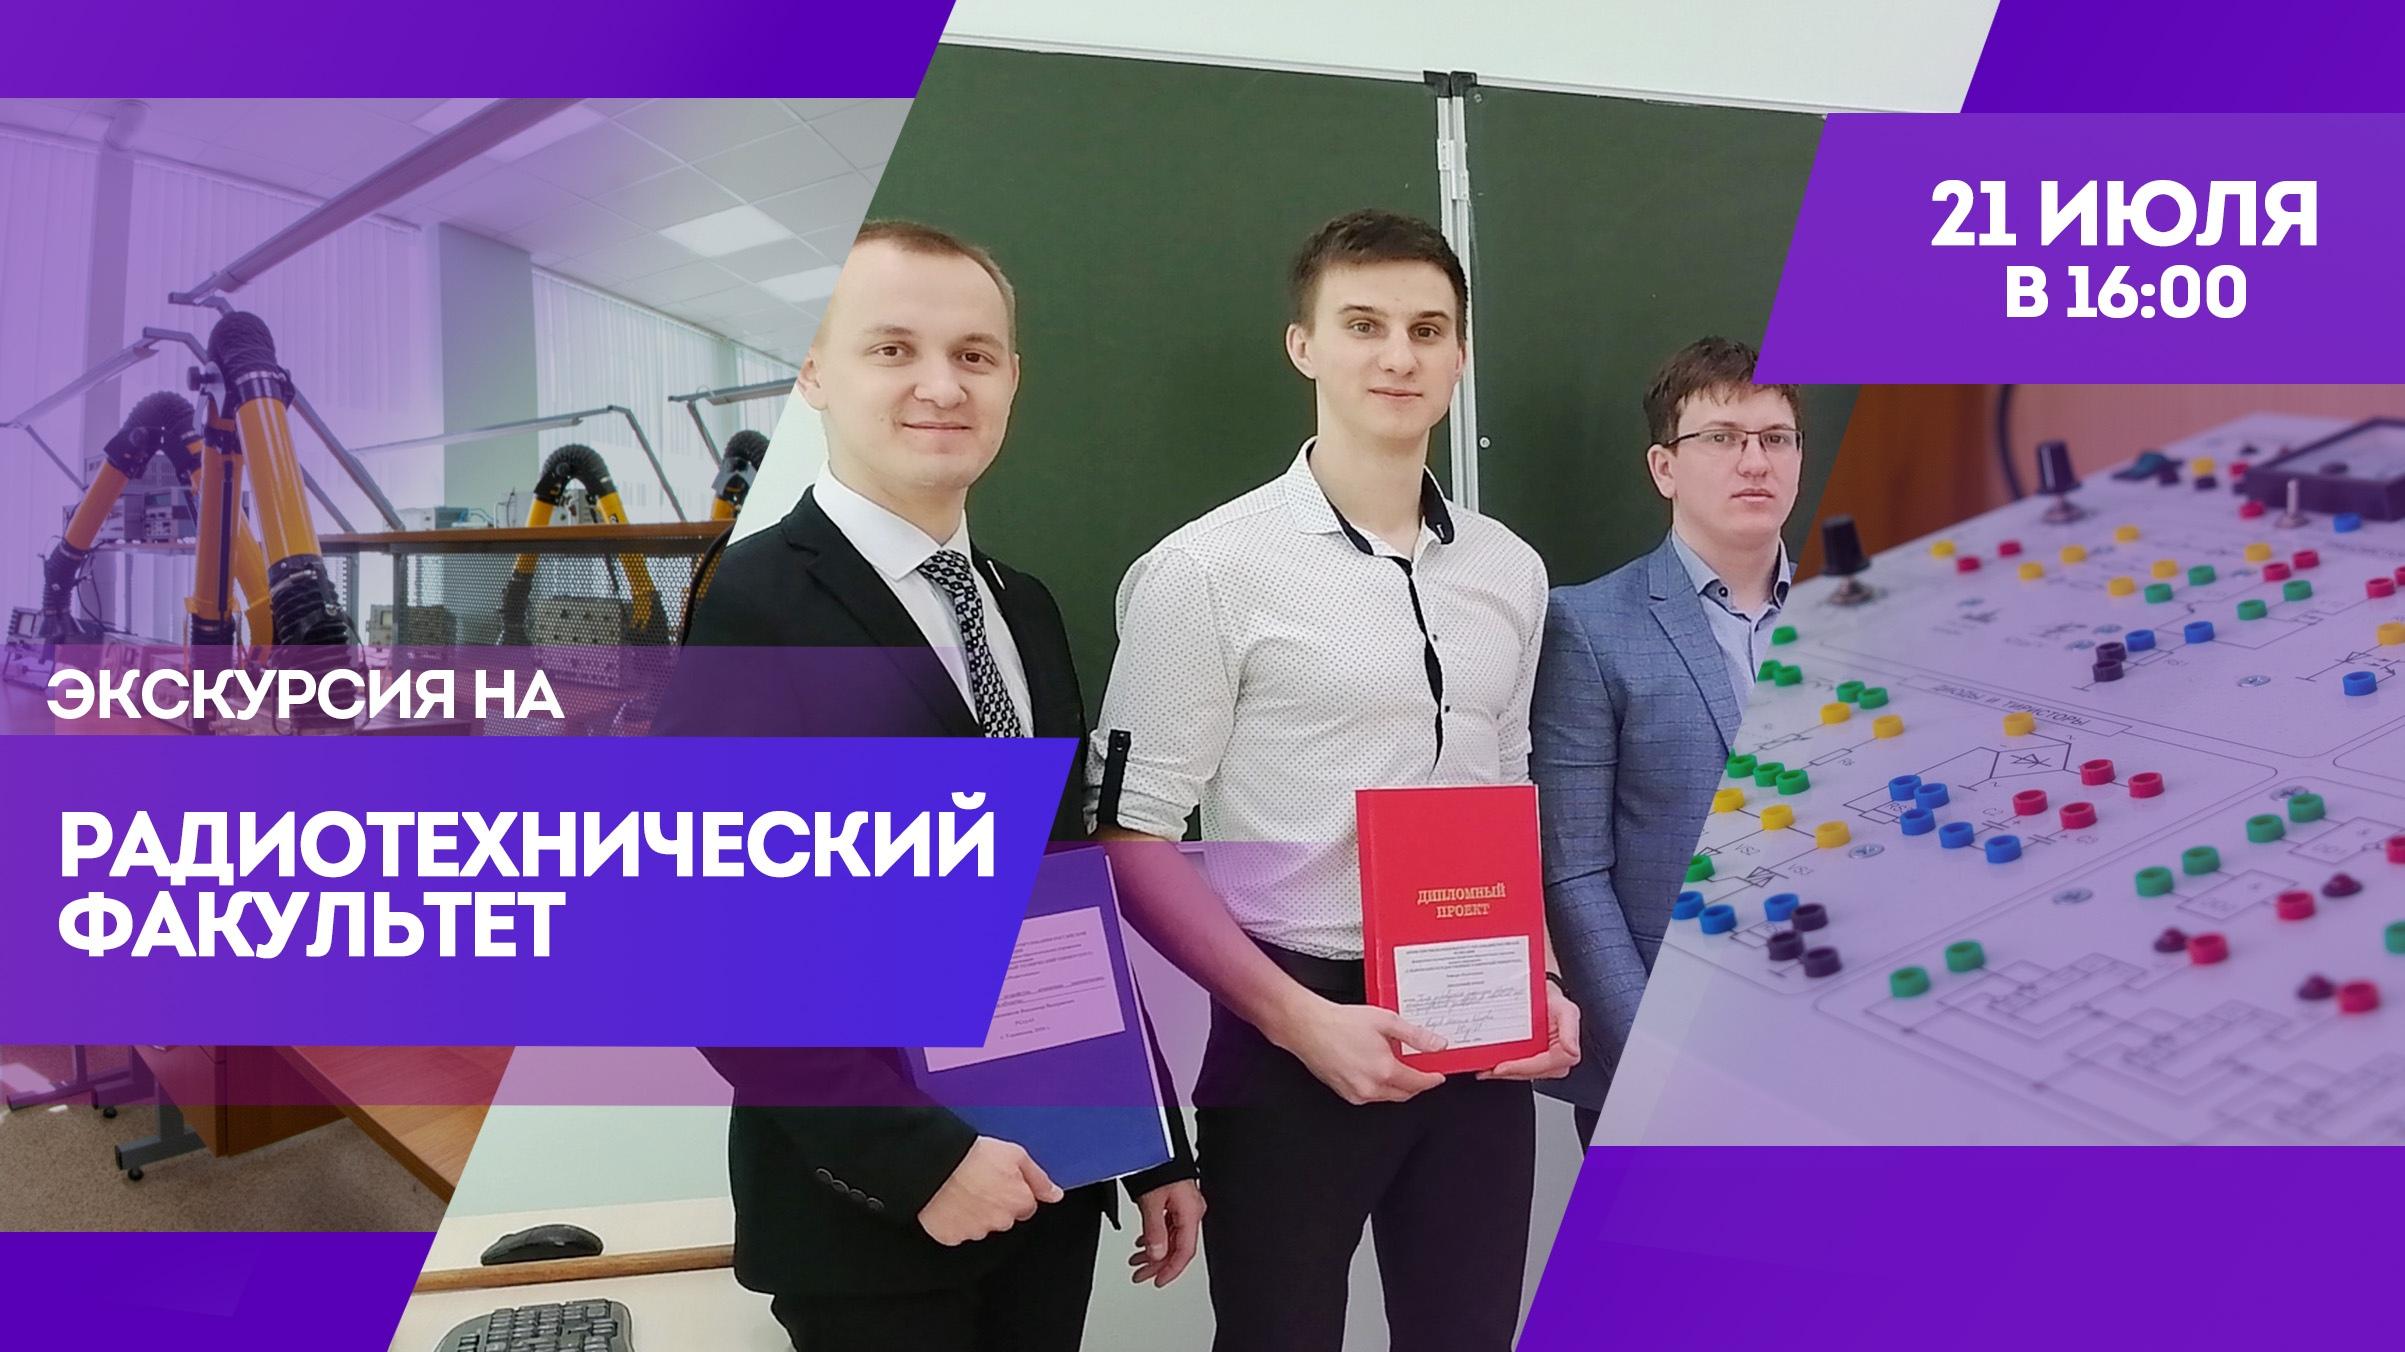 Онлайн-экскурсия УлГТУ о радиотехническом факультете